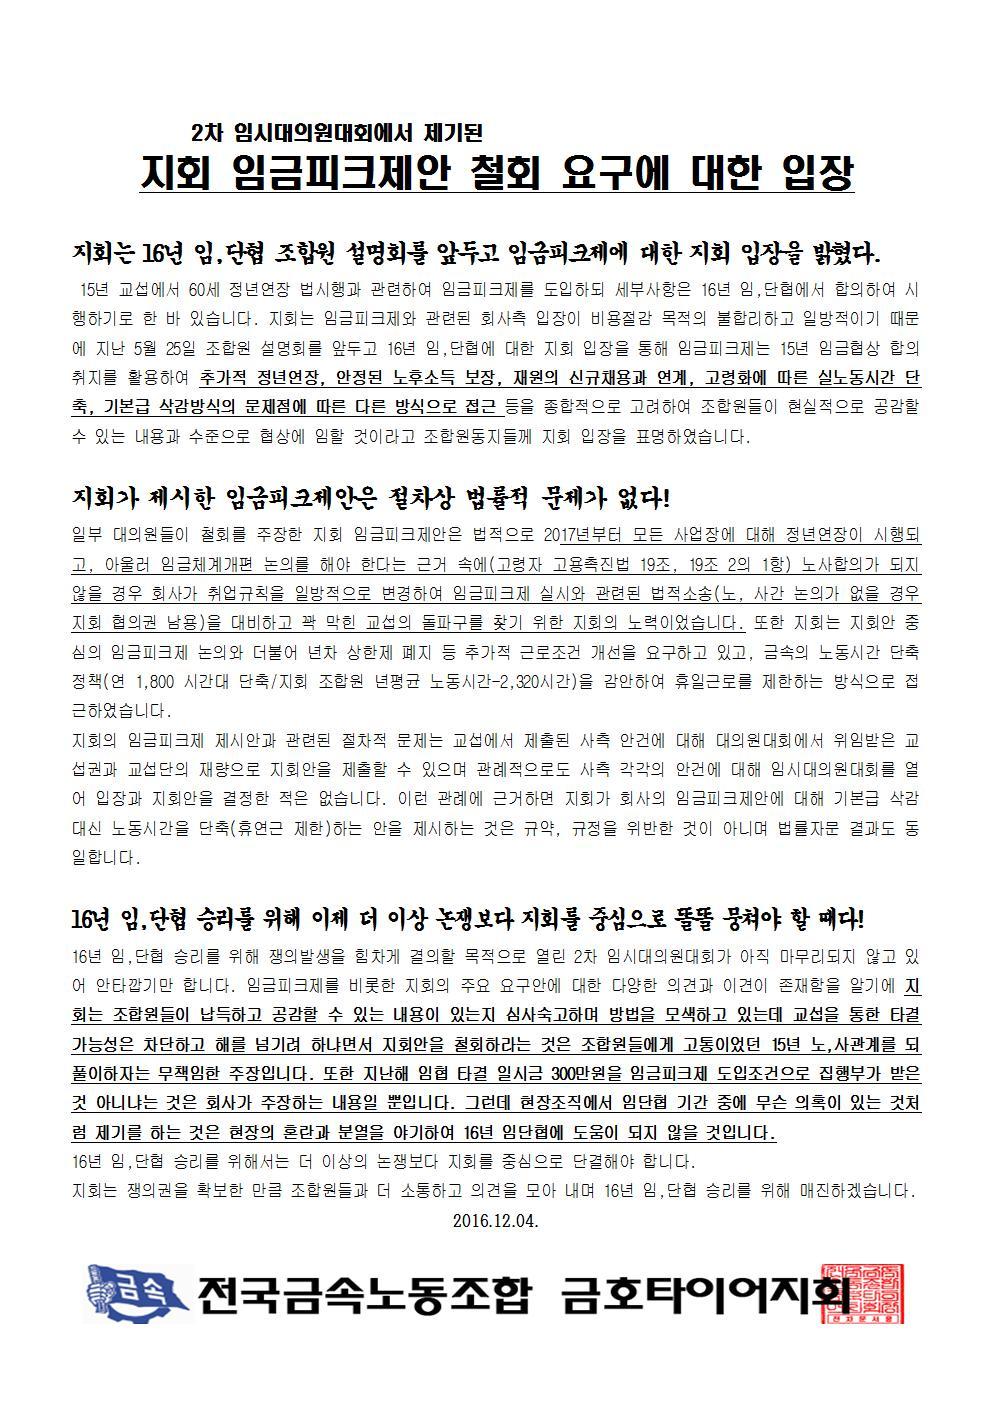 임금피크제 지회안 철회에 대한 지회입장001.jpg